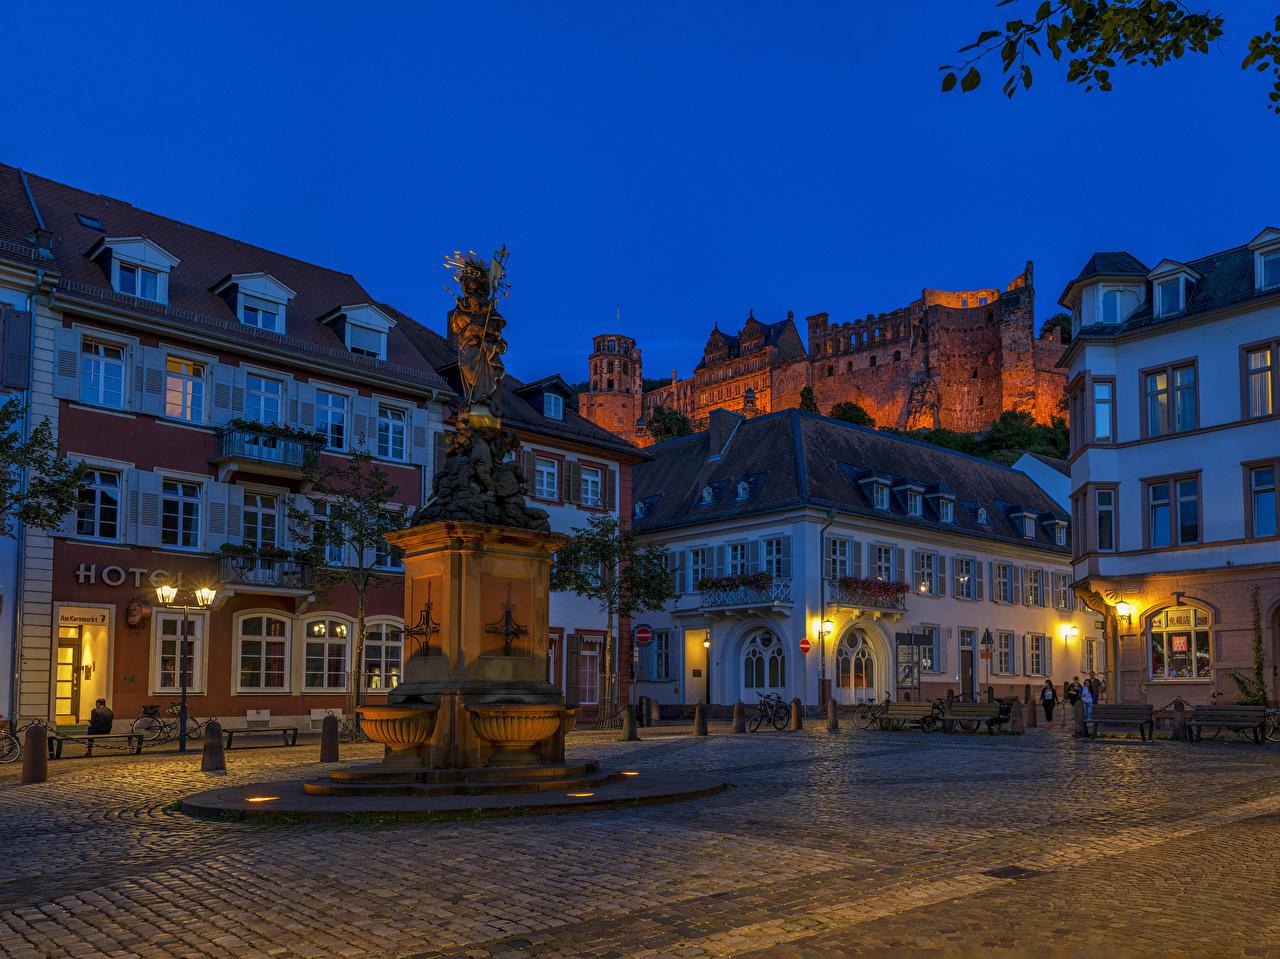 Fotos von Deutschland Denkmal Heidelberg Straße Abend Straßenlaterne Städte Gebäude Stadtstraße Haus